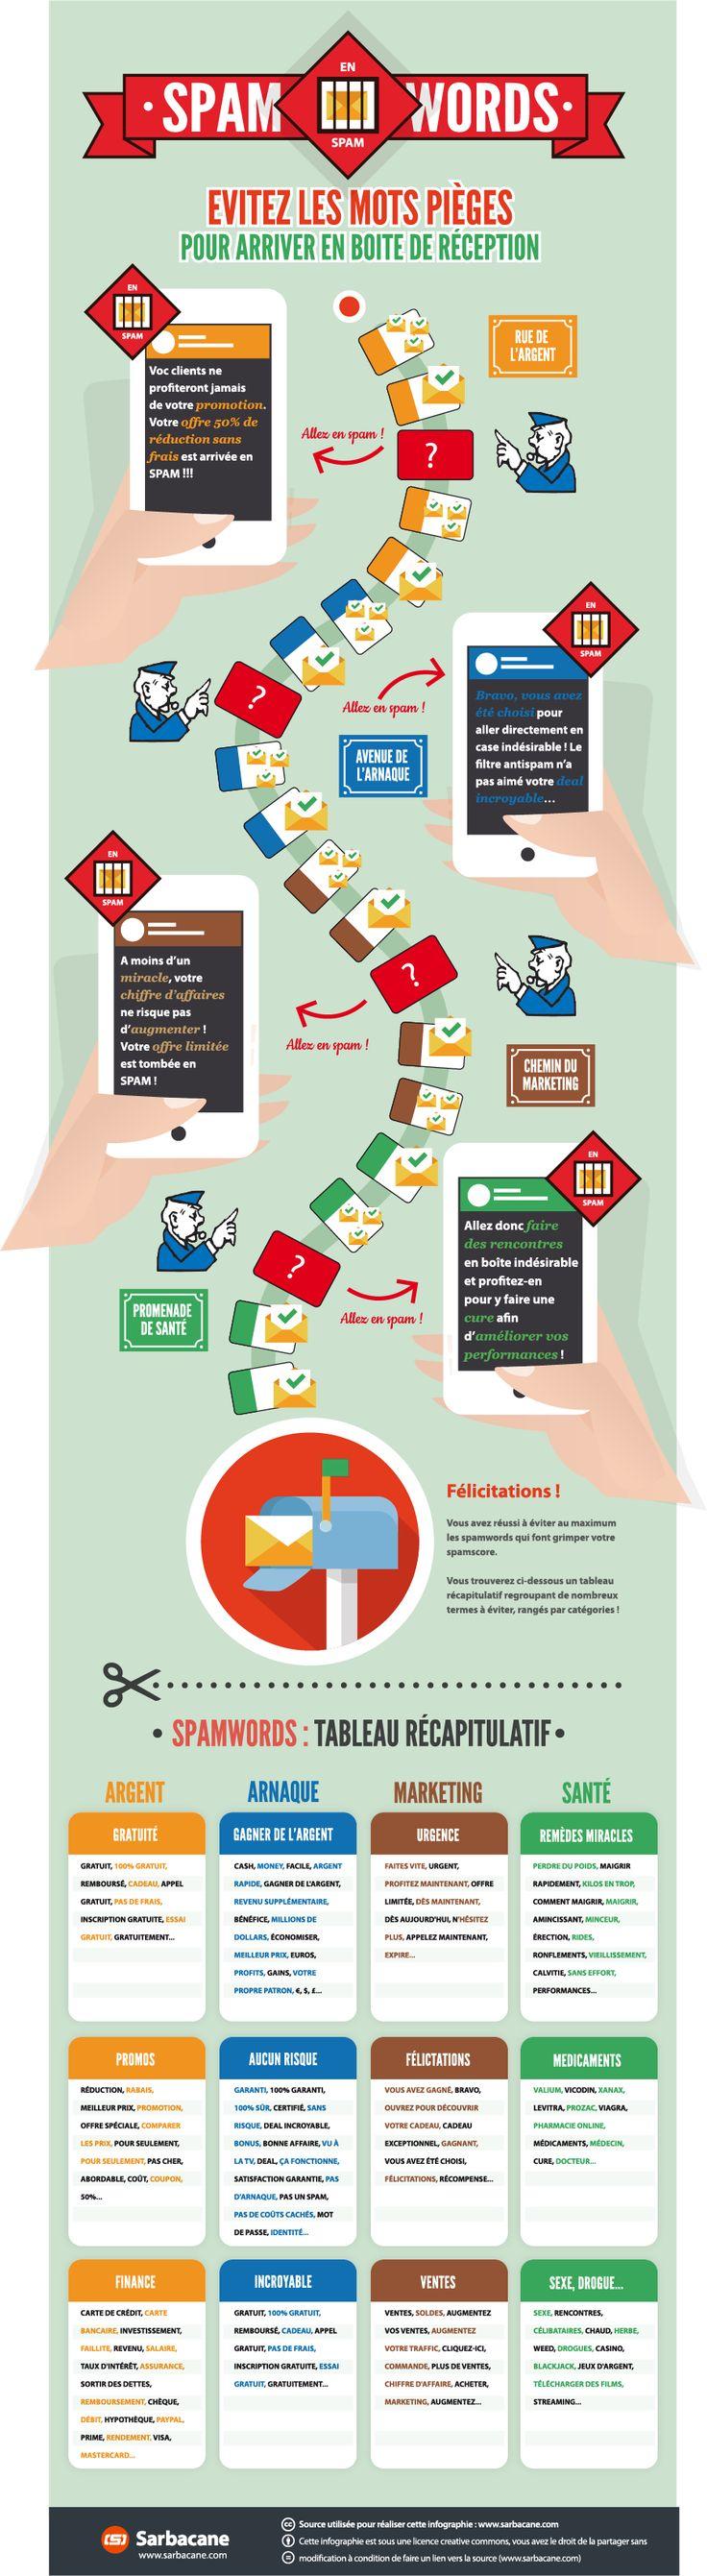 Infographie : Quels sont les mots à éviter pour ne pas finir en spam ?